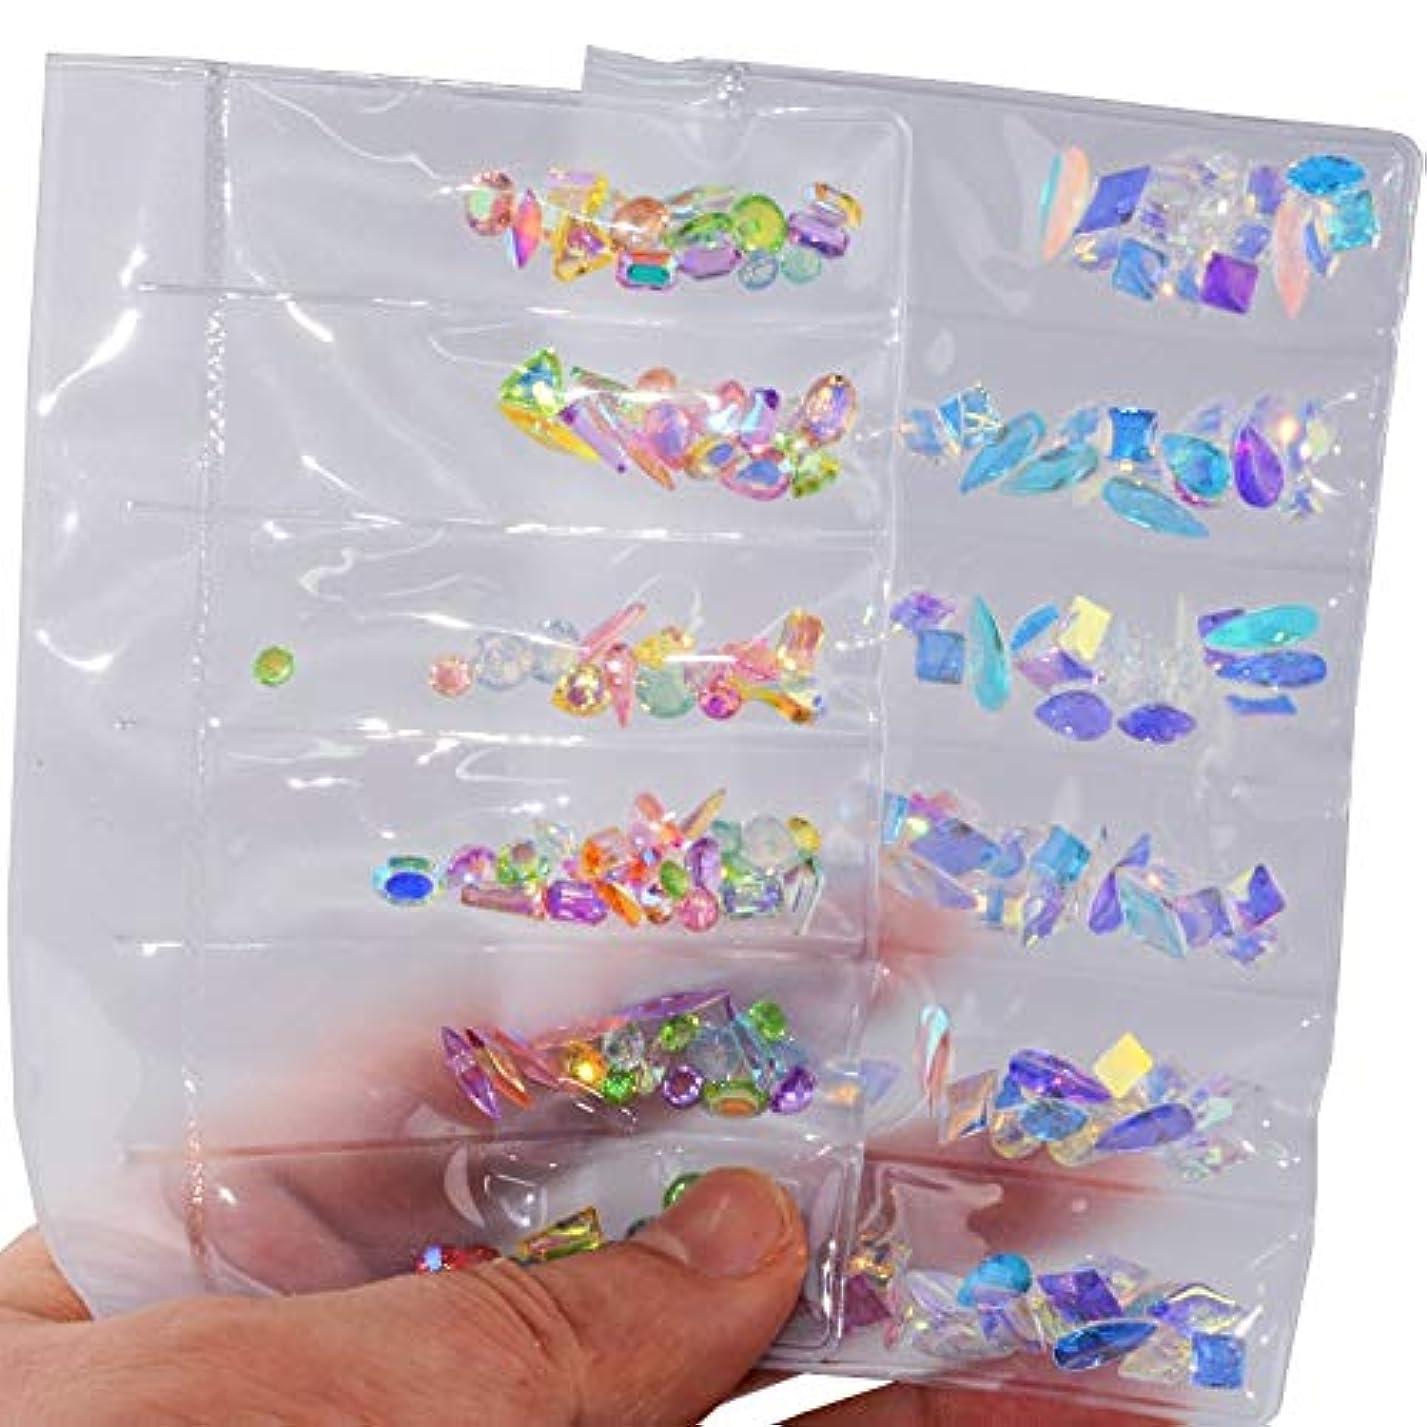 味方絶対のローラー2パックセットネイルアートラインストーンネイルアートデコレーションフラットバックガラスダイヤモンドティアドロップ馬の目の水晶石